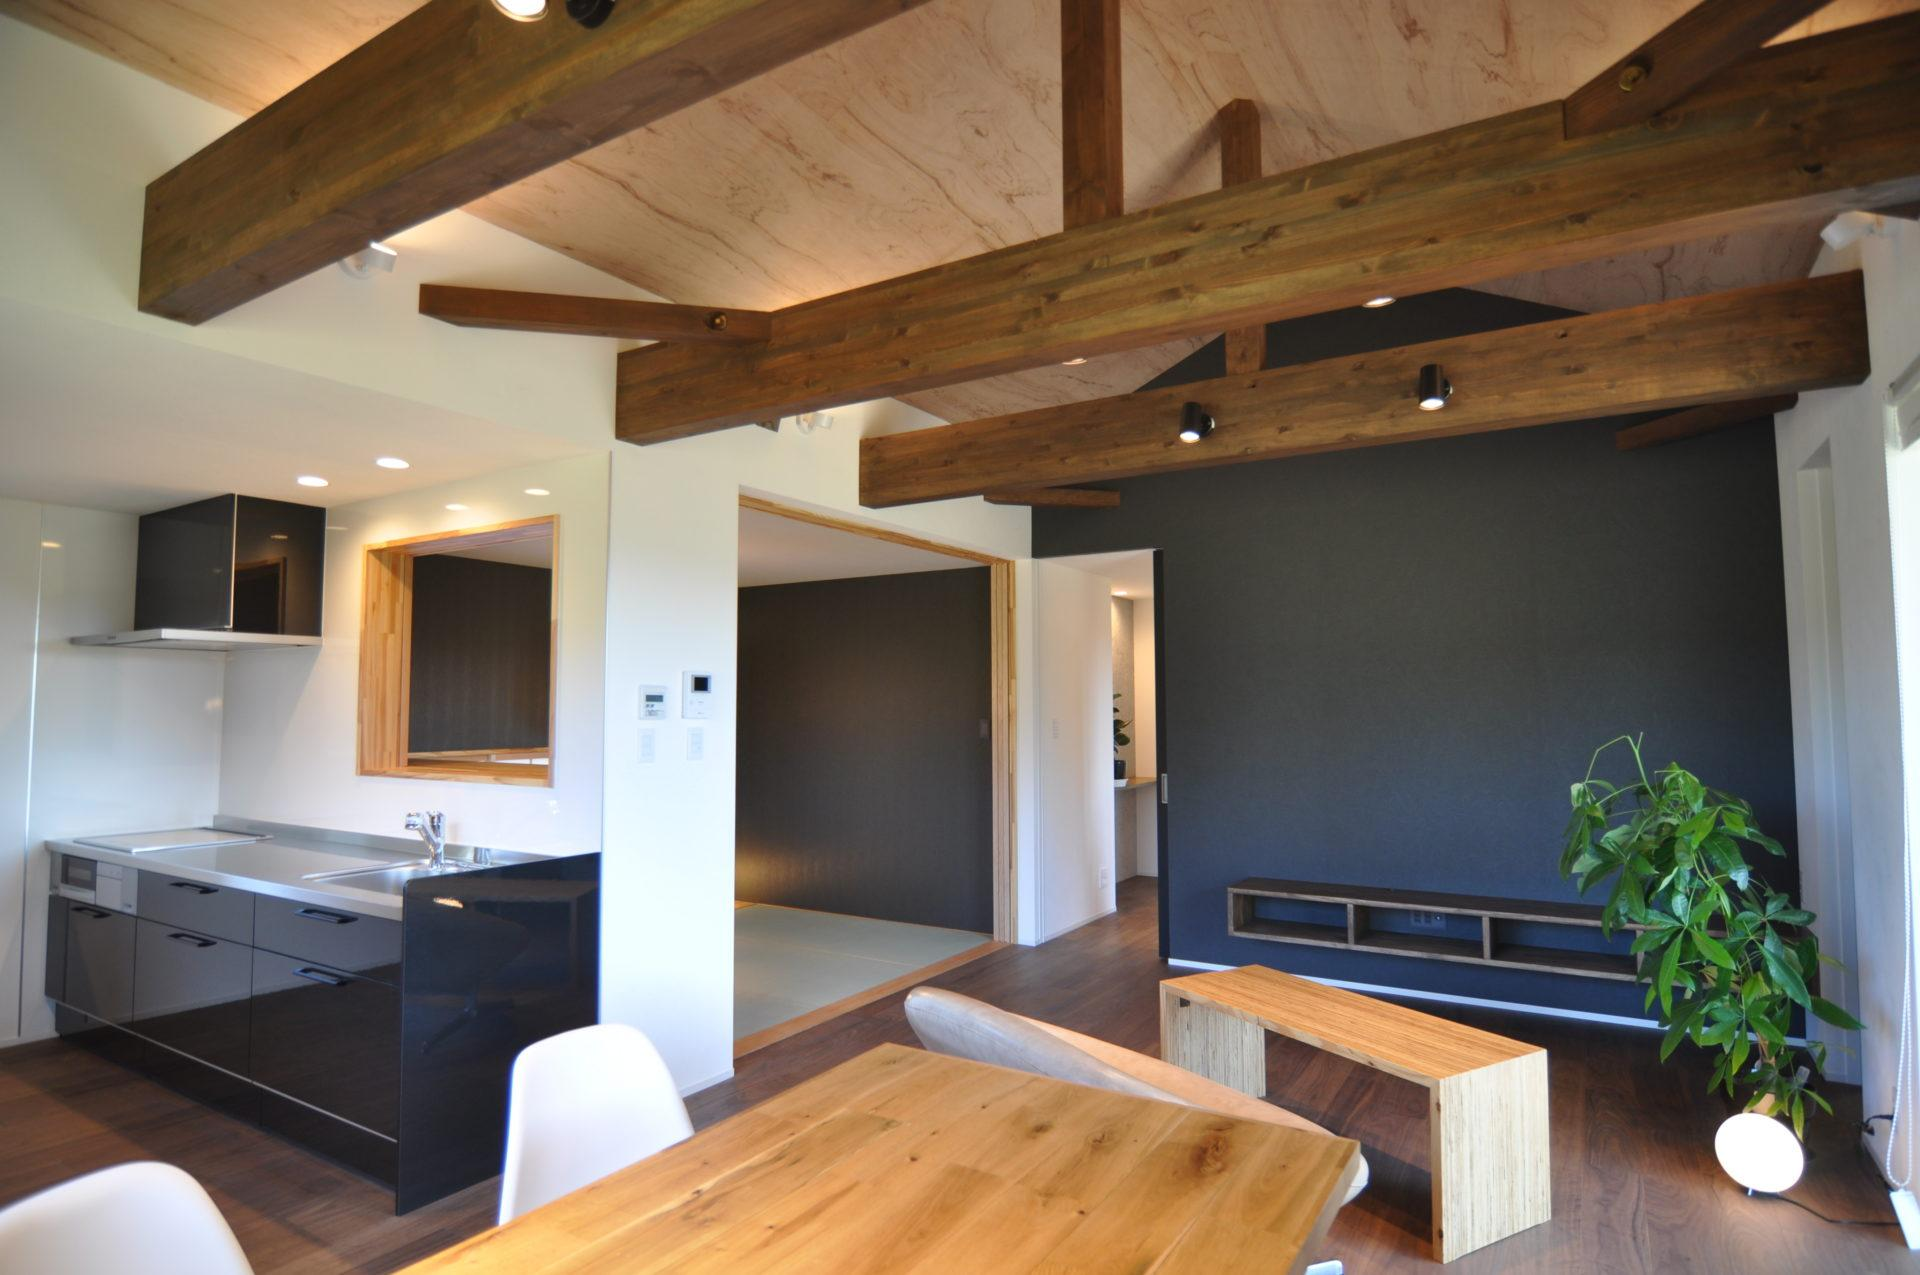 有限会社 市川建築店 1級建築士事務所「三条市 O様邸」のシンプル・ナチュラル・和風・和モダンなリビング・ダイニングの実例写真